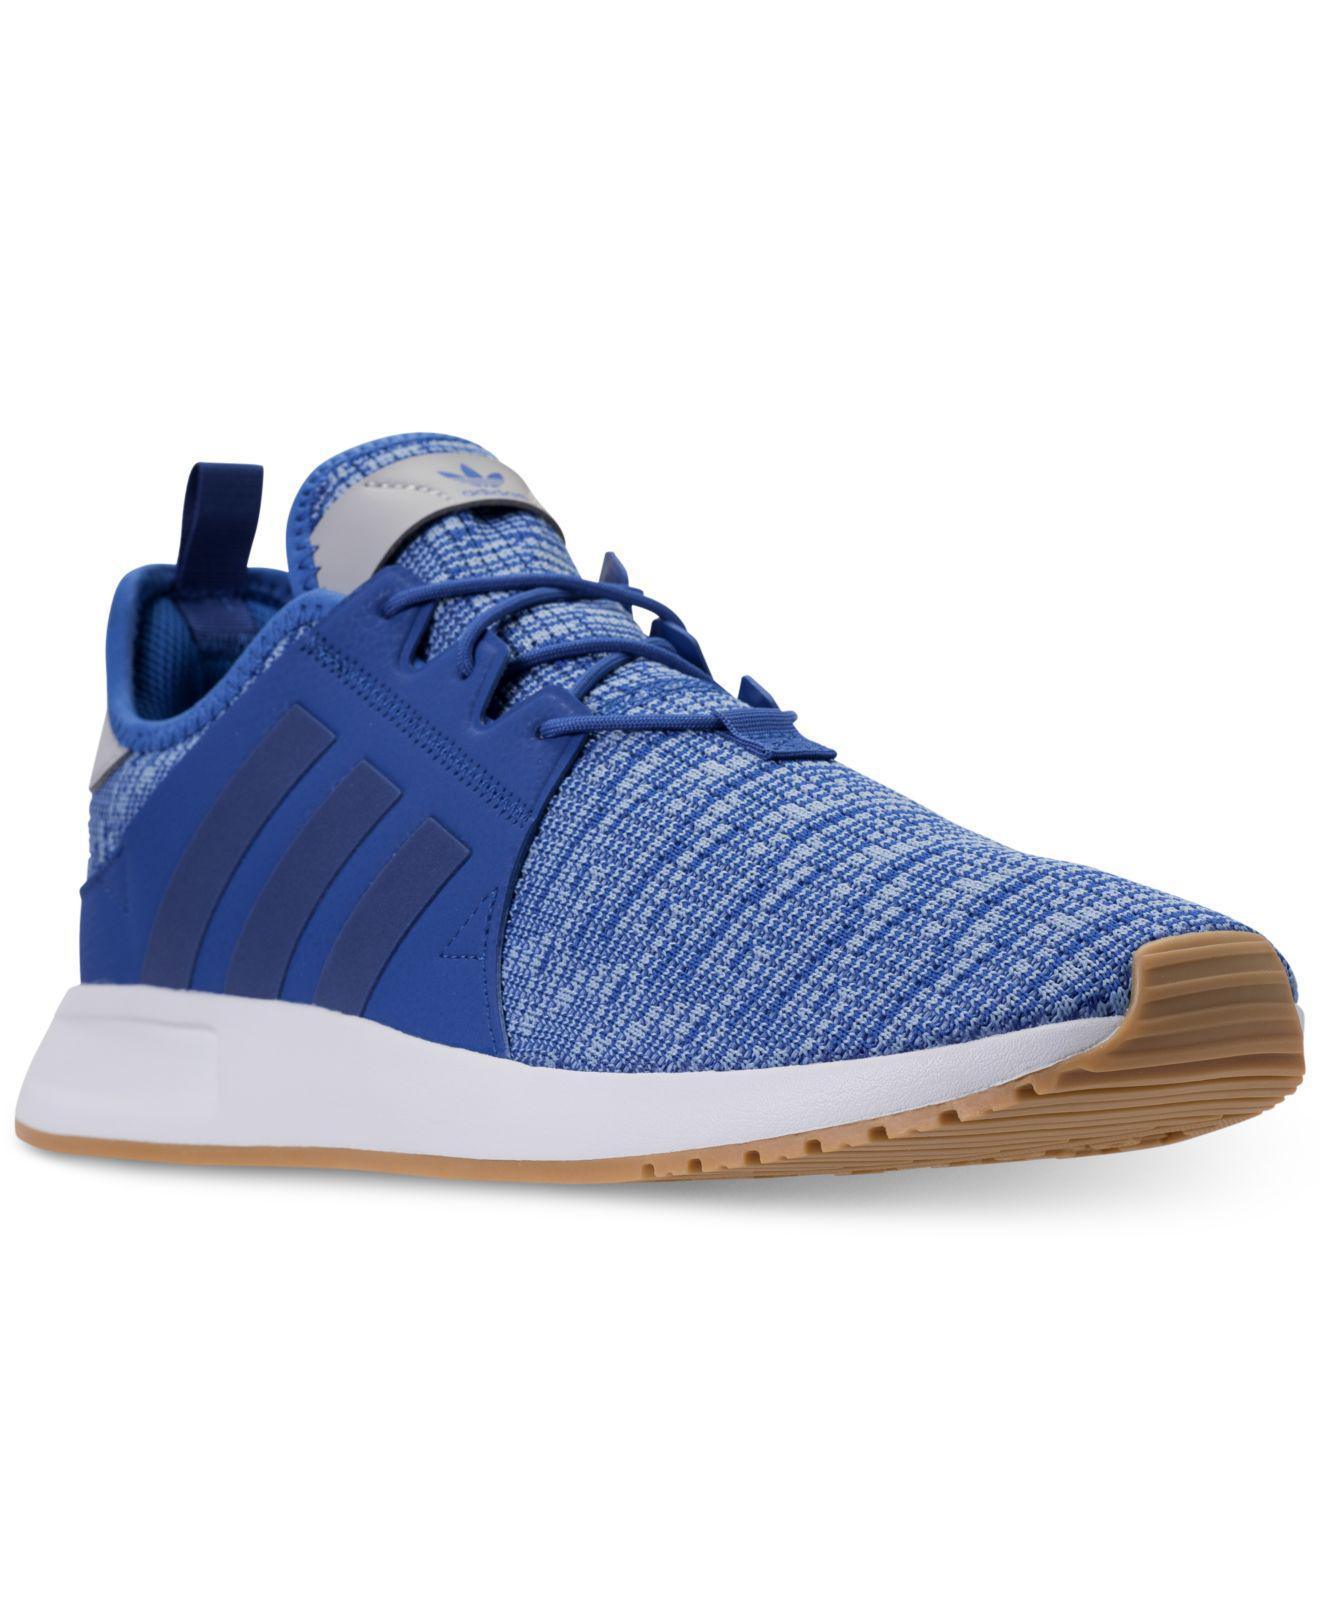 Salg Adidas Zx Flux Dame Lyse GråHvite Originals Sko Online